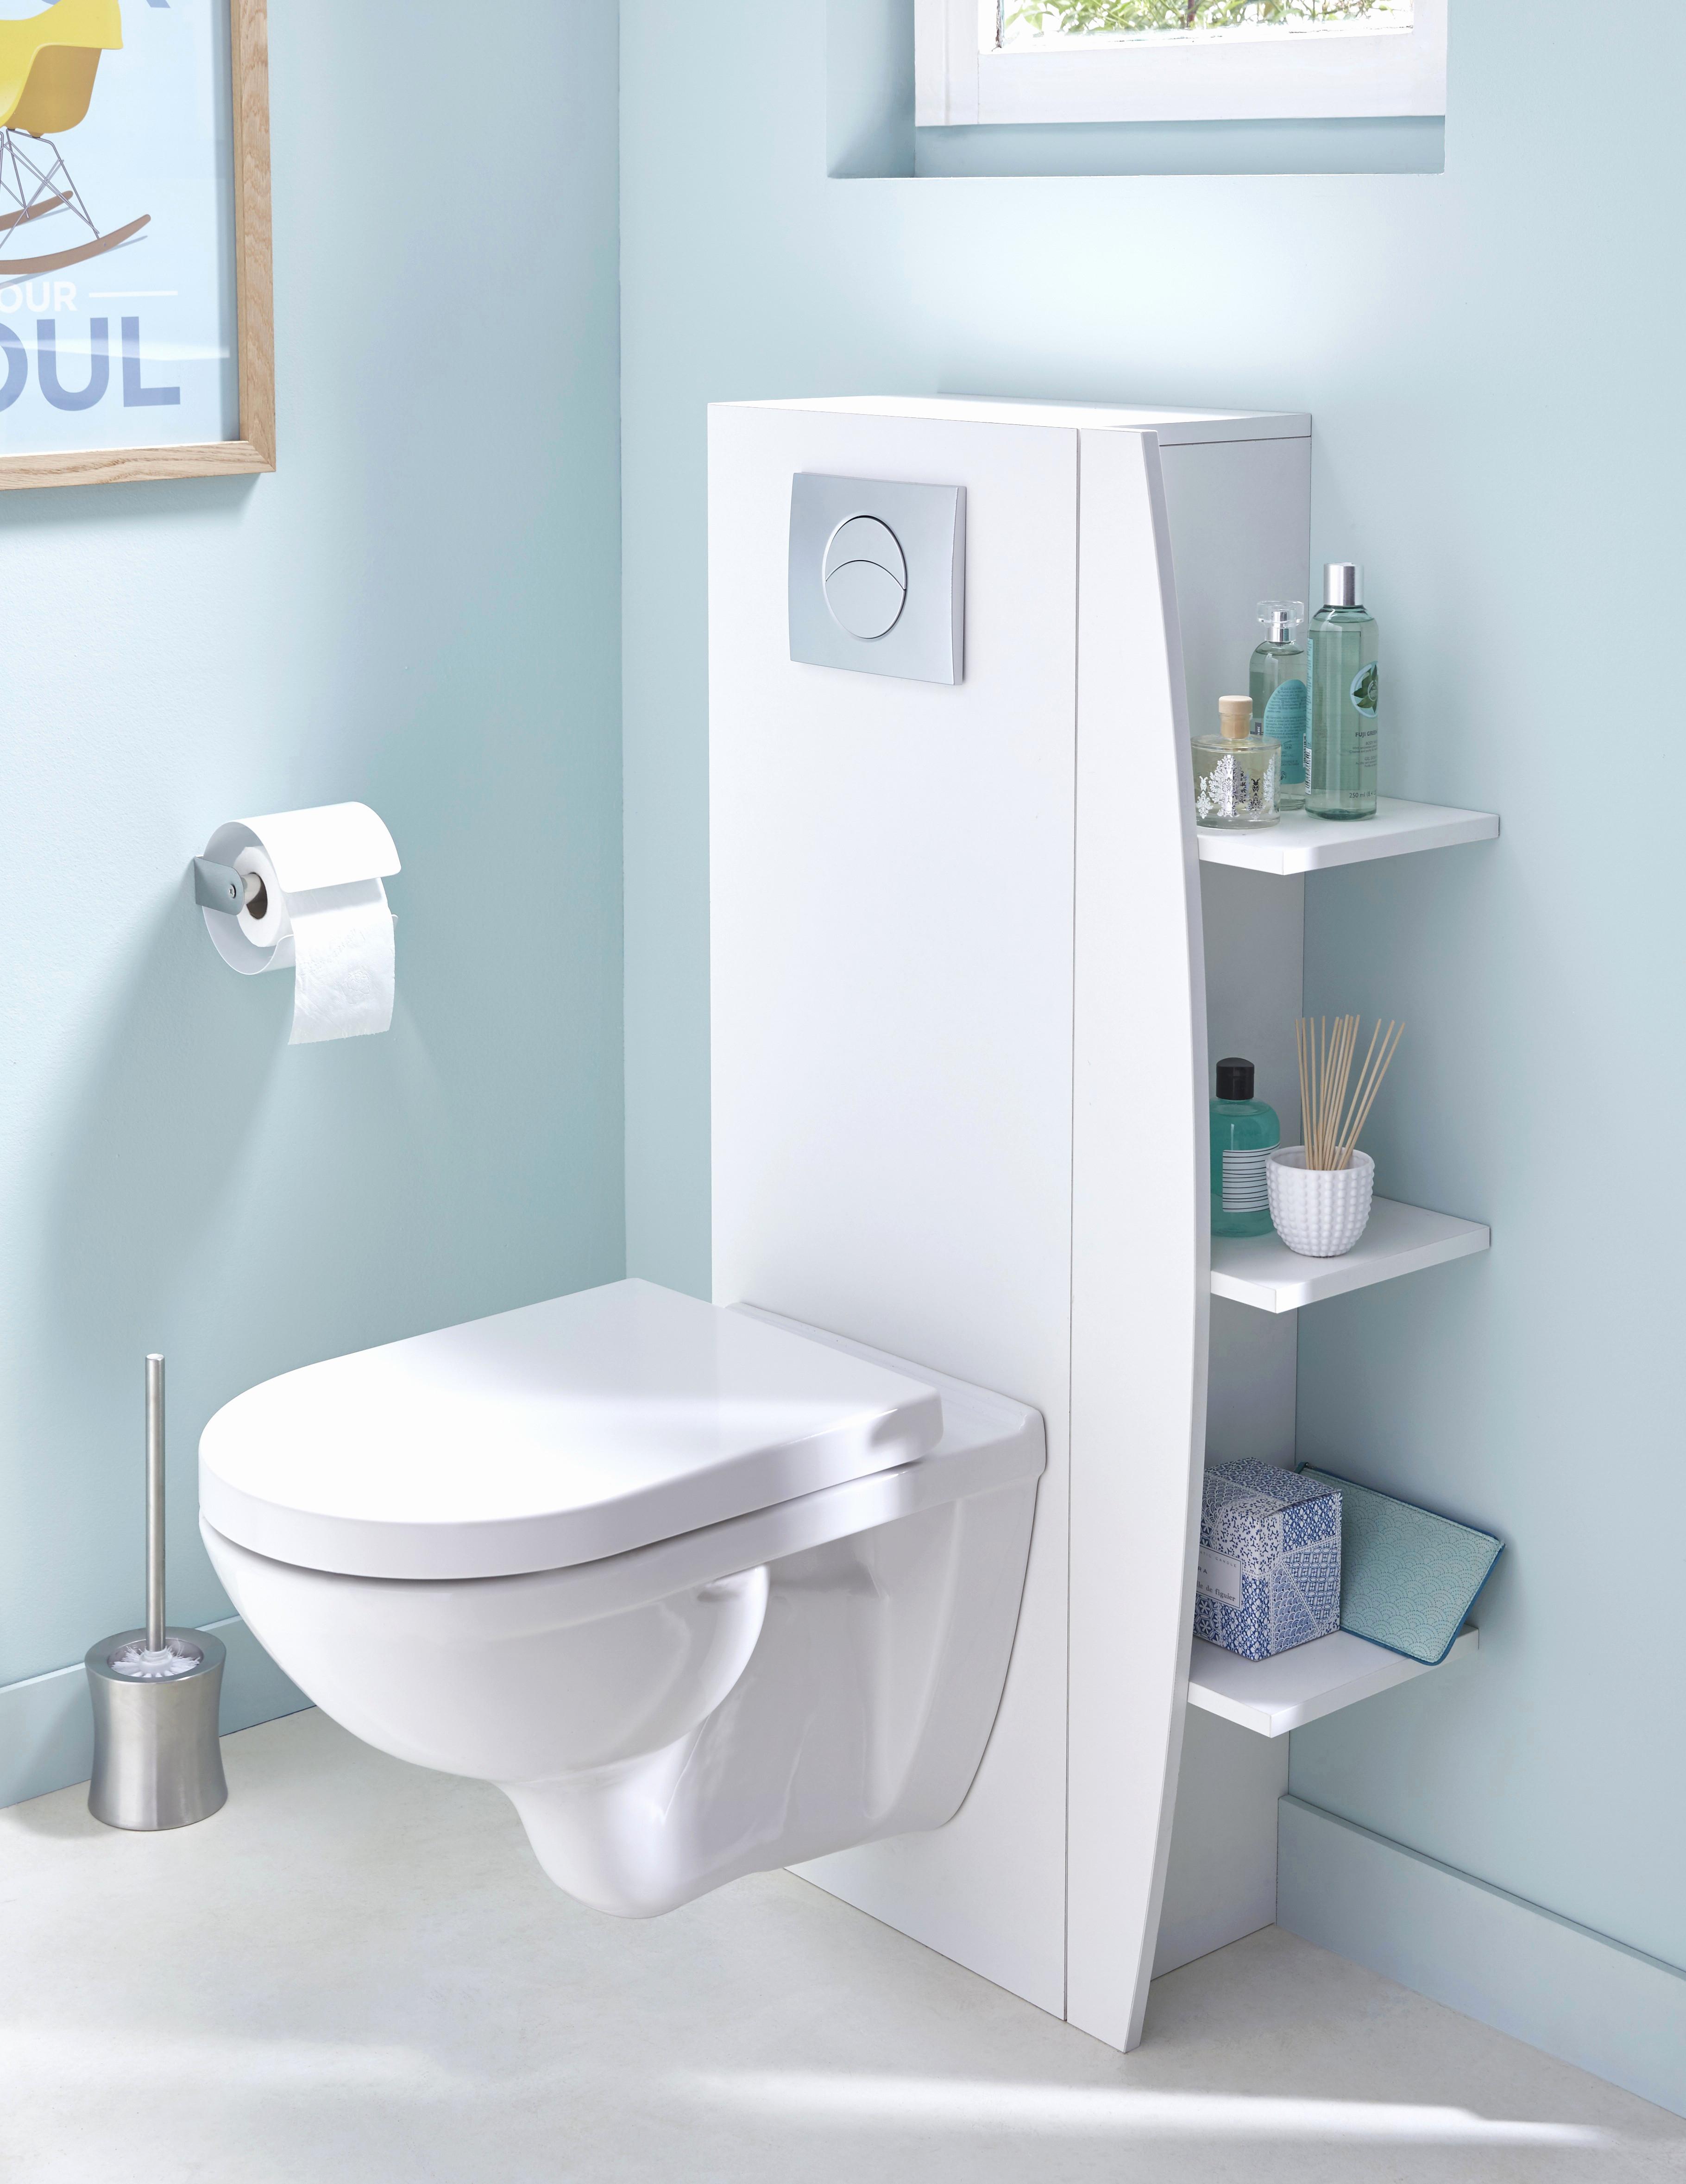 Ikea Meuble Wc Meuble Sur Wc Support De Papier Toilette tout Offenburg Magasin Meuble